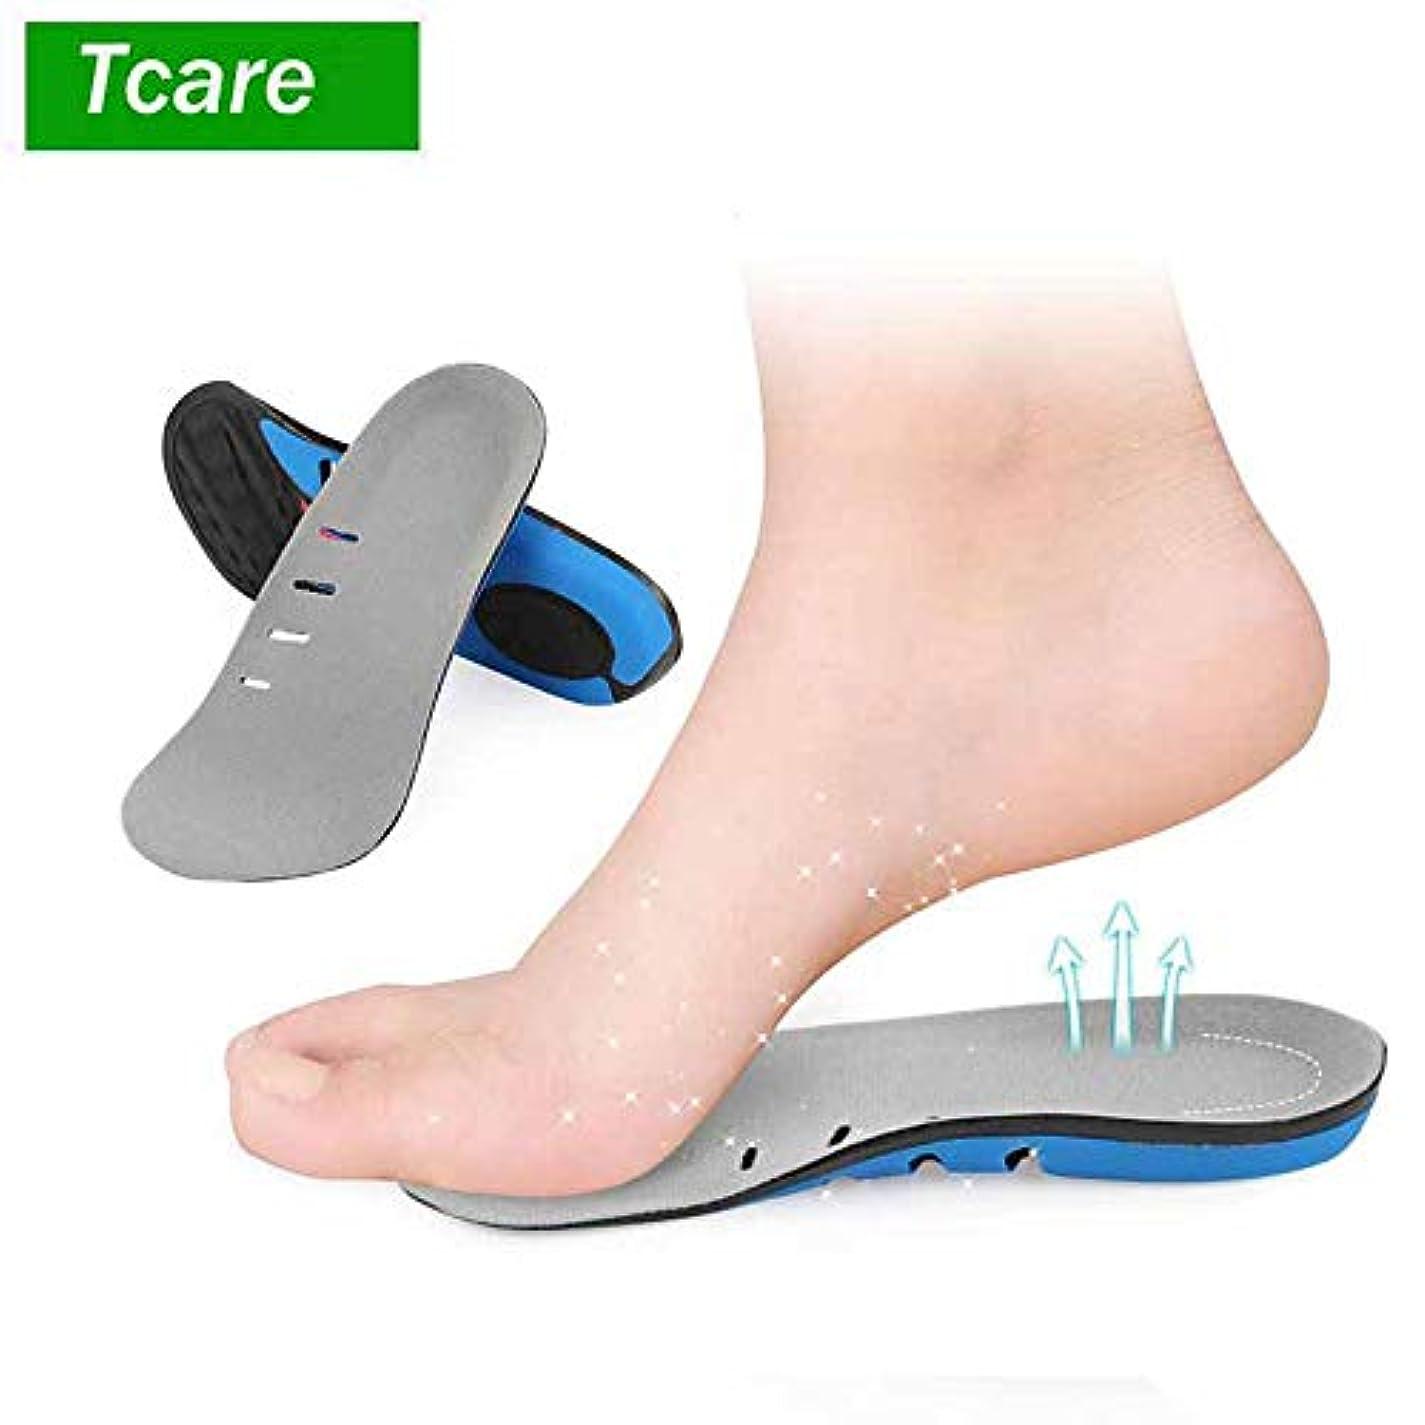 厄介な誠実さ性別靴のマッサージシューズのインソールは、男性用/女性用の足底筋膜炎用インソール